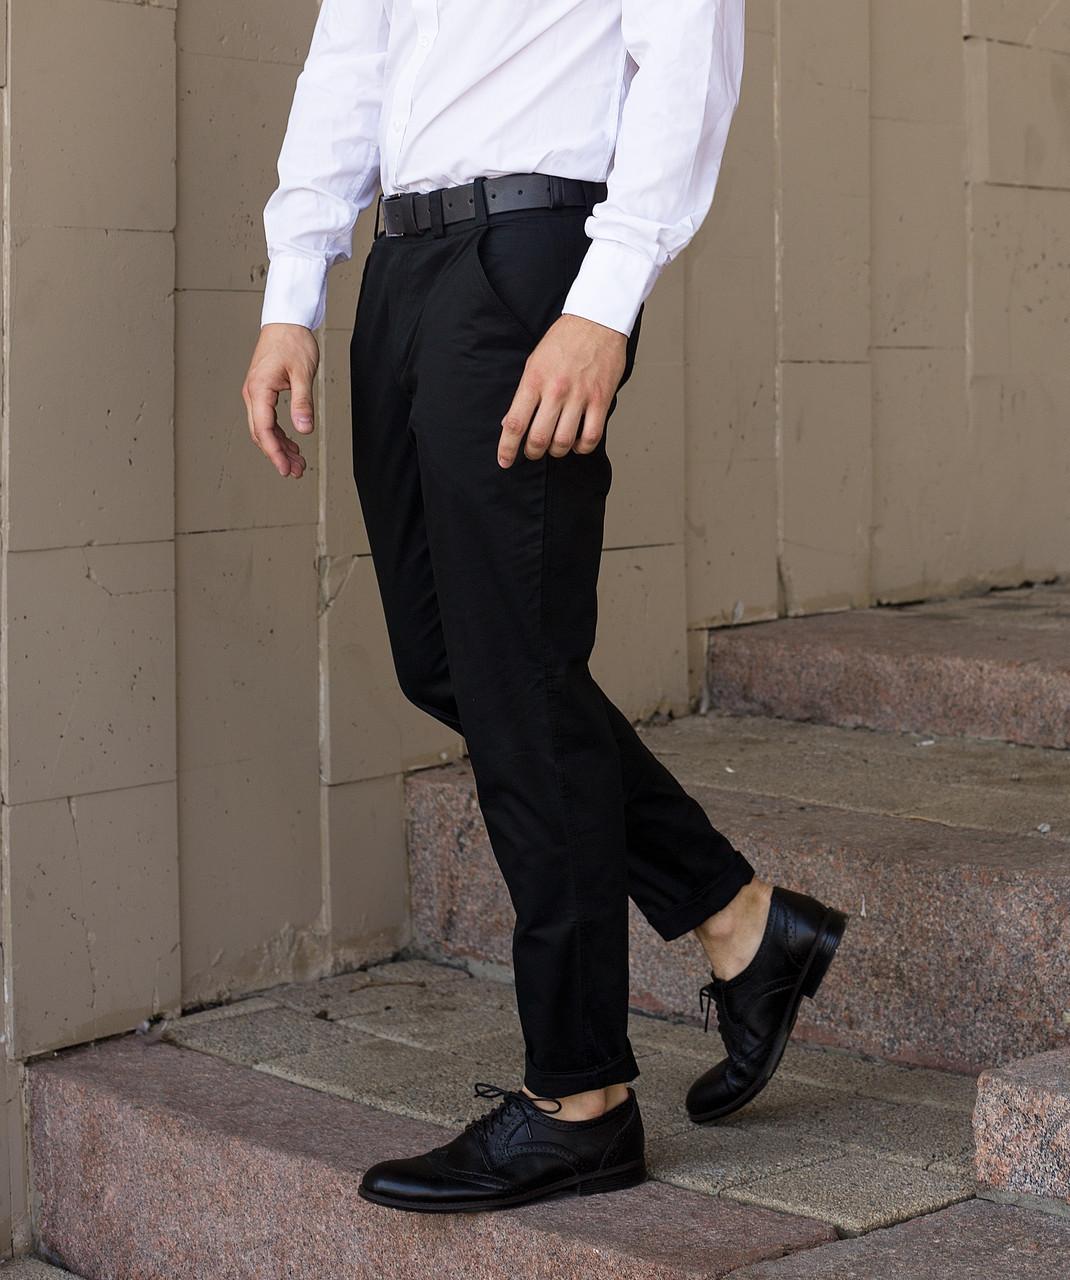 Штани чиносы чорні чоловічі бренд ТУР модель Стрендж (Strange) розмір S, M, L, XL